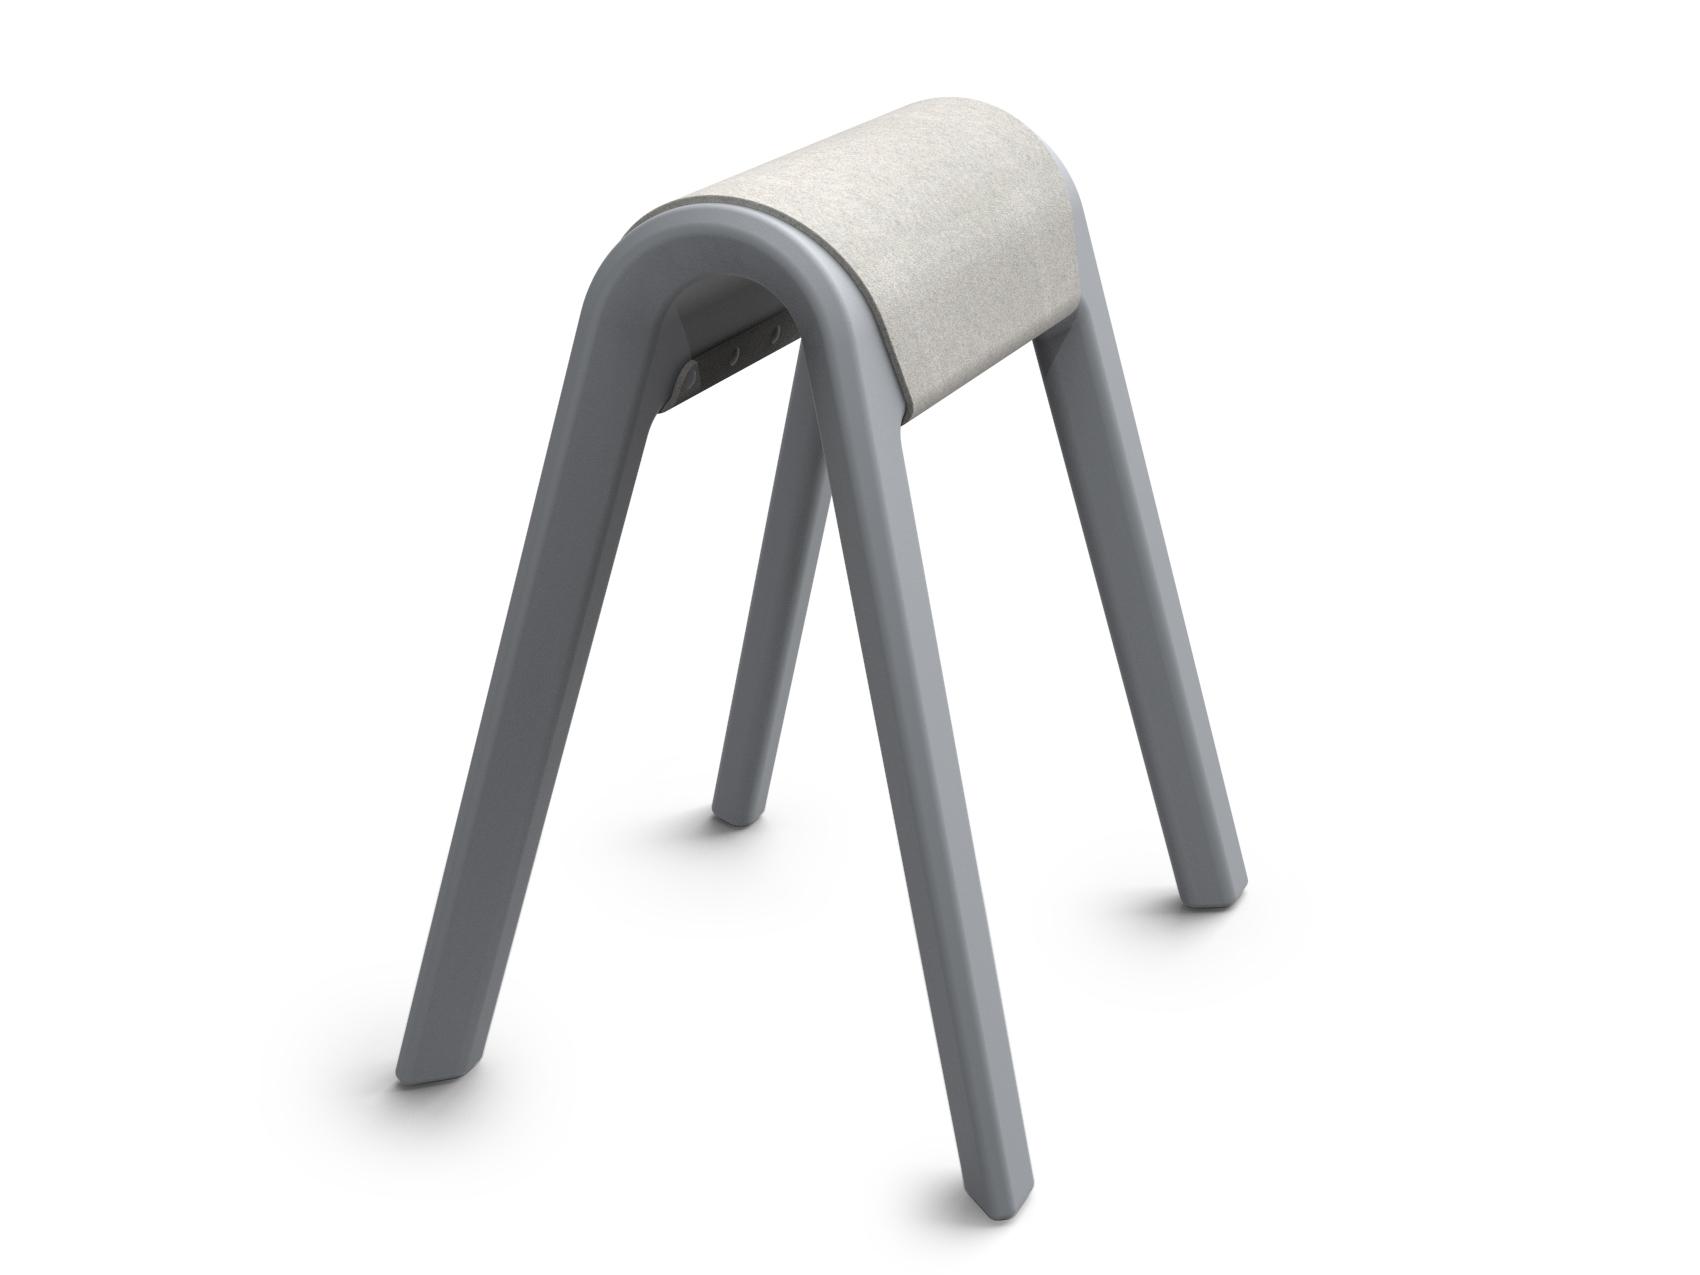 Filzauflagen für Sitzbock